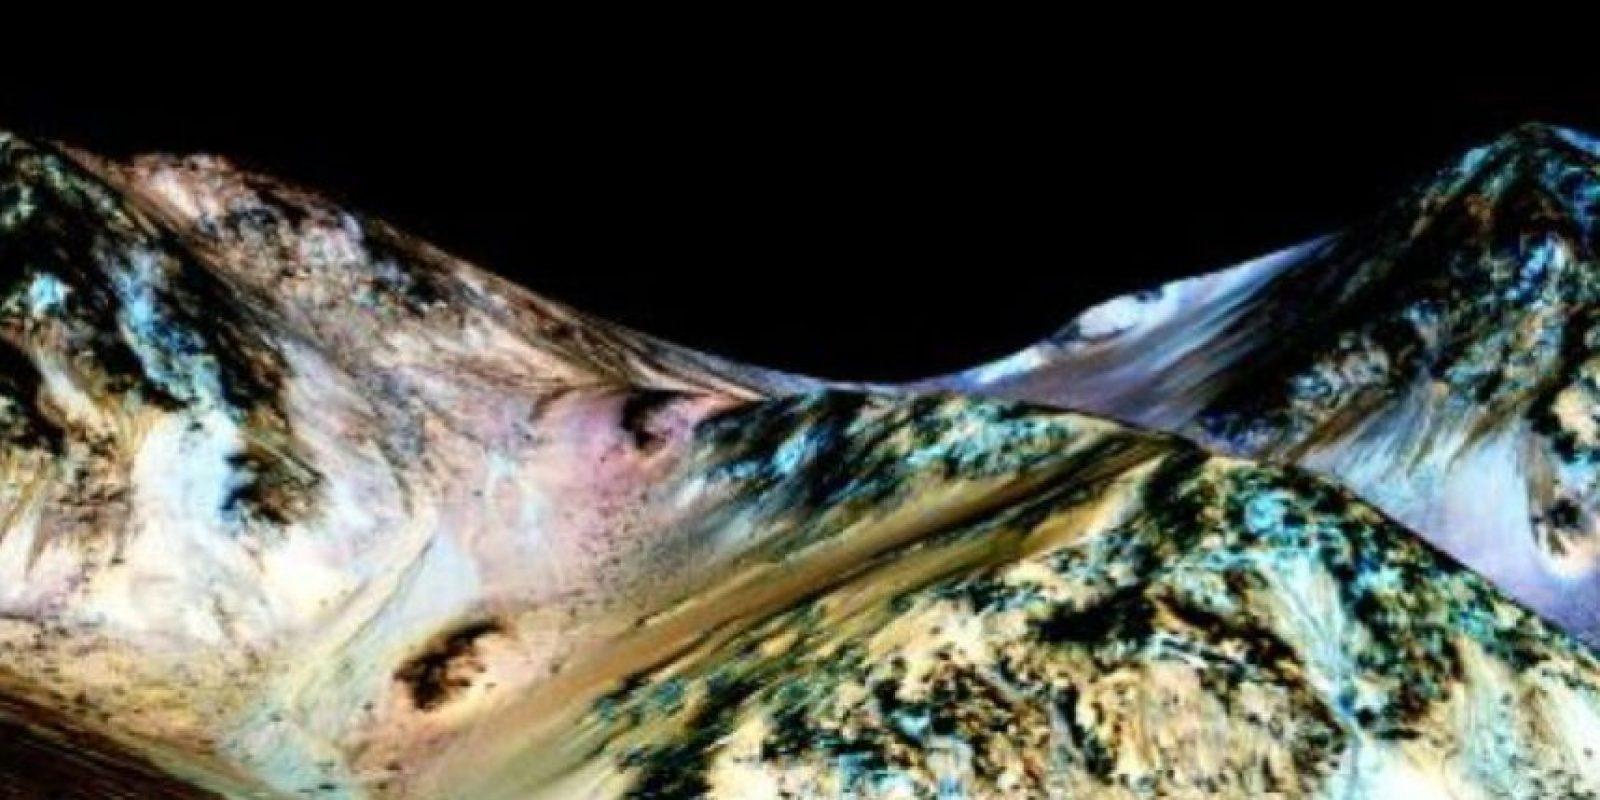 La NASA informó que gracias a imágenes aéreas tomadas del planeta se detectaron unos canales que se precipitan colina abajo y que parecen cauces de agua. Foto:Vía Nasa.gov